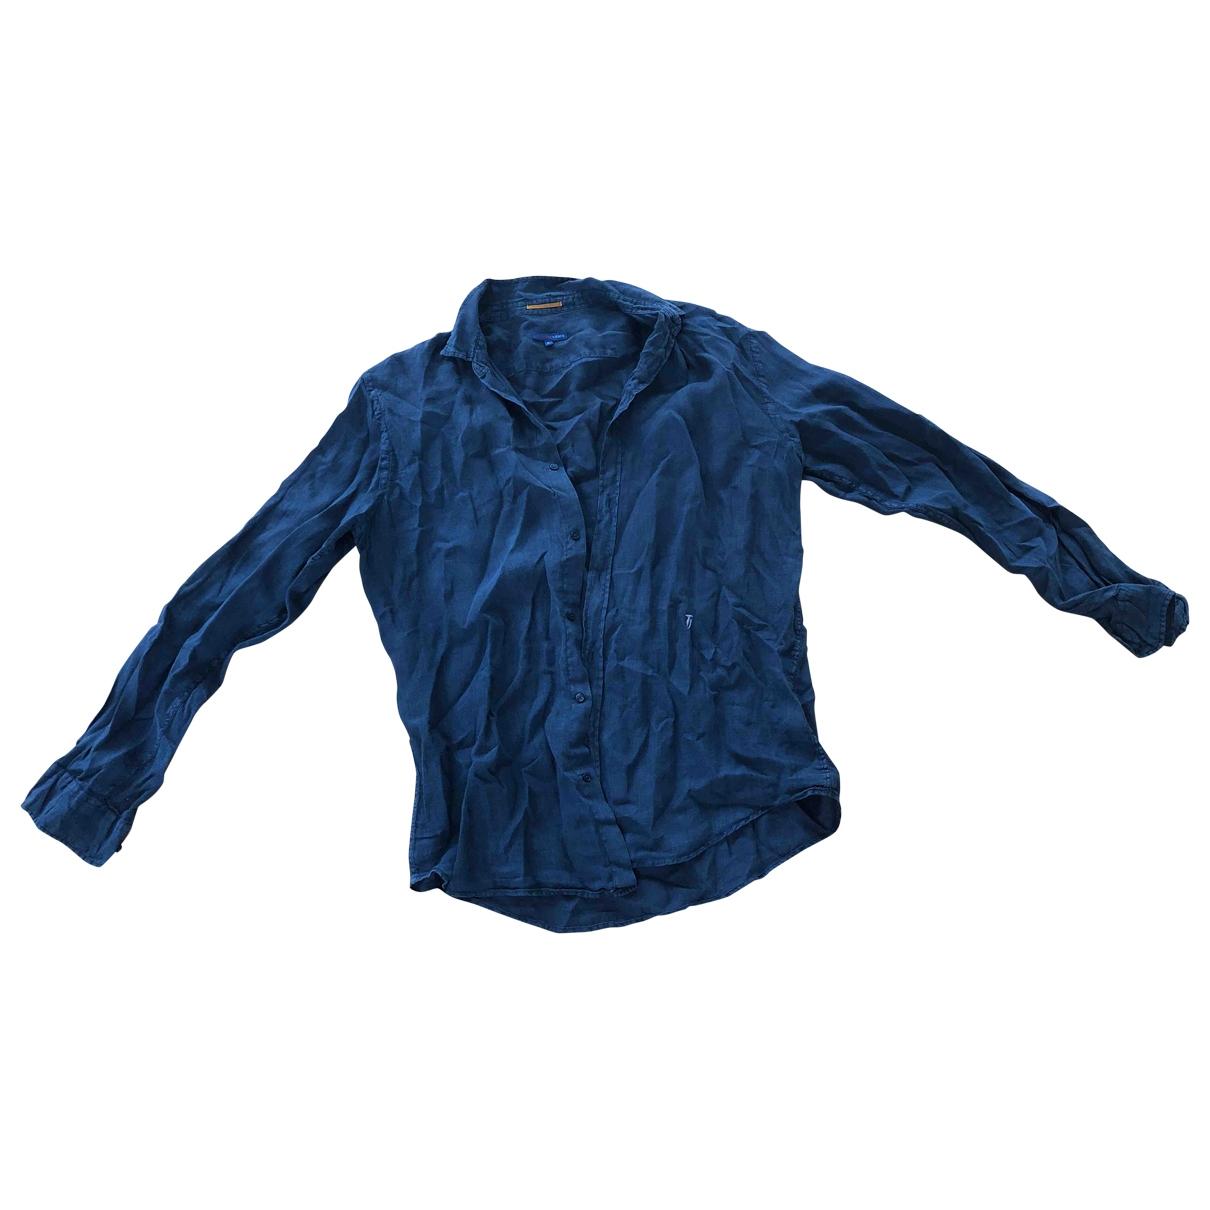 Trussardi Jeans \N Blue Linen Shirts for Men XL International